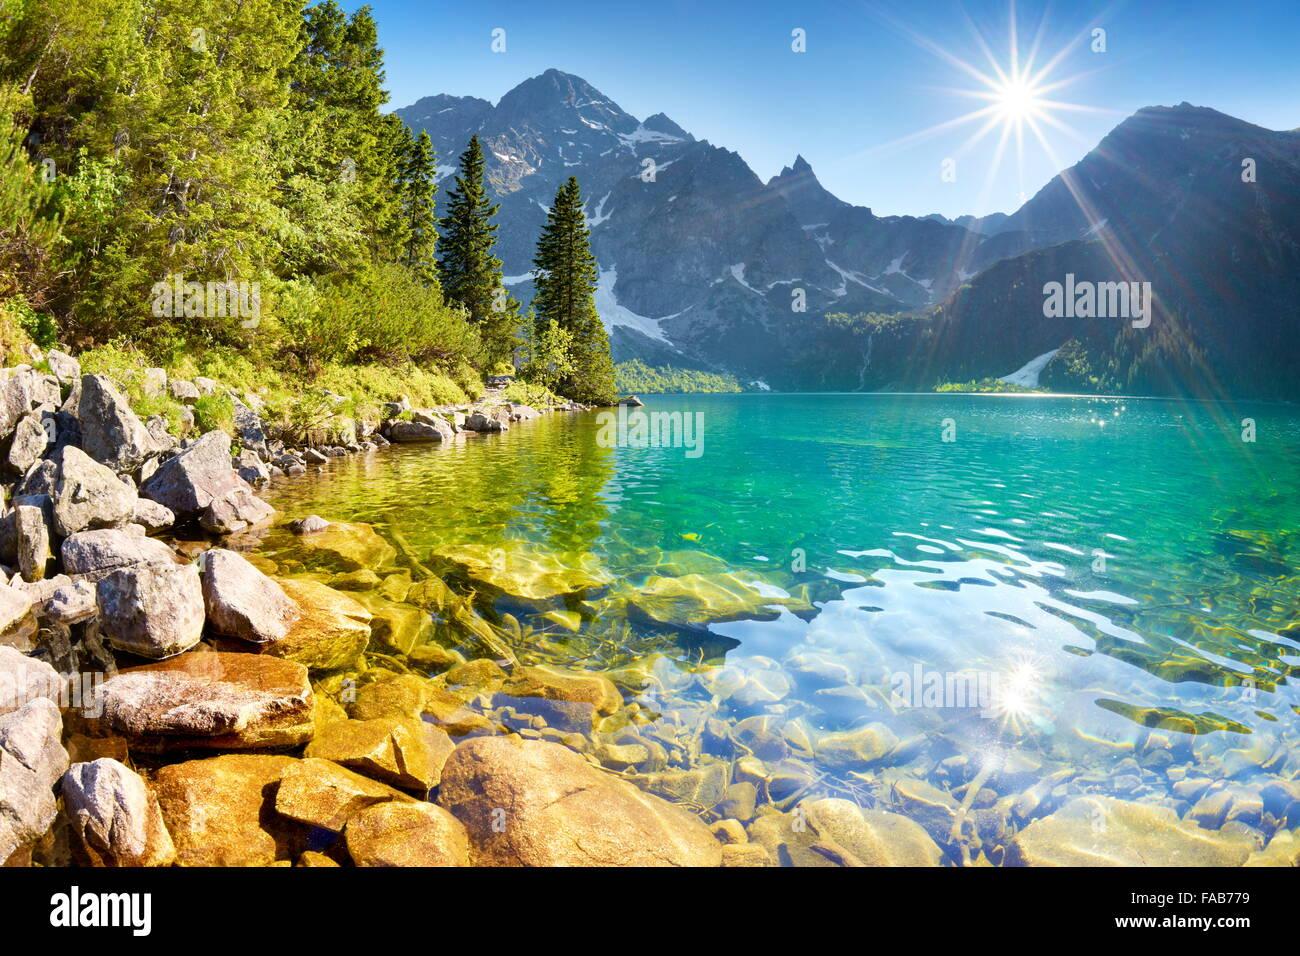 Morskie Oko lake, Tatra mountains, Poland - Stock Image